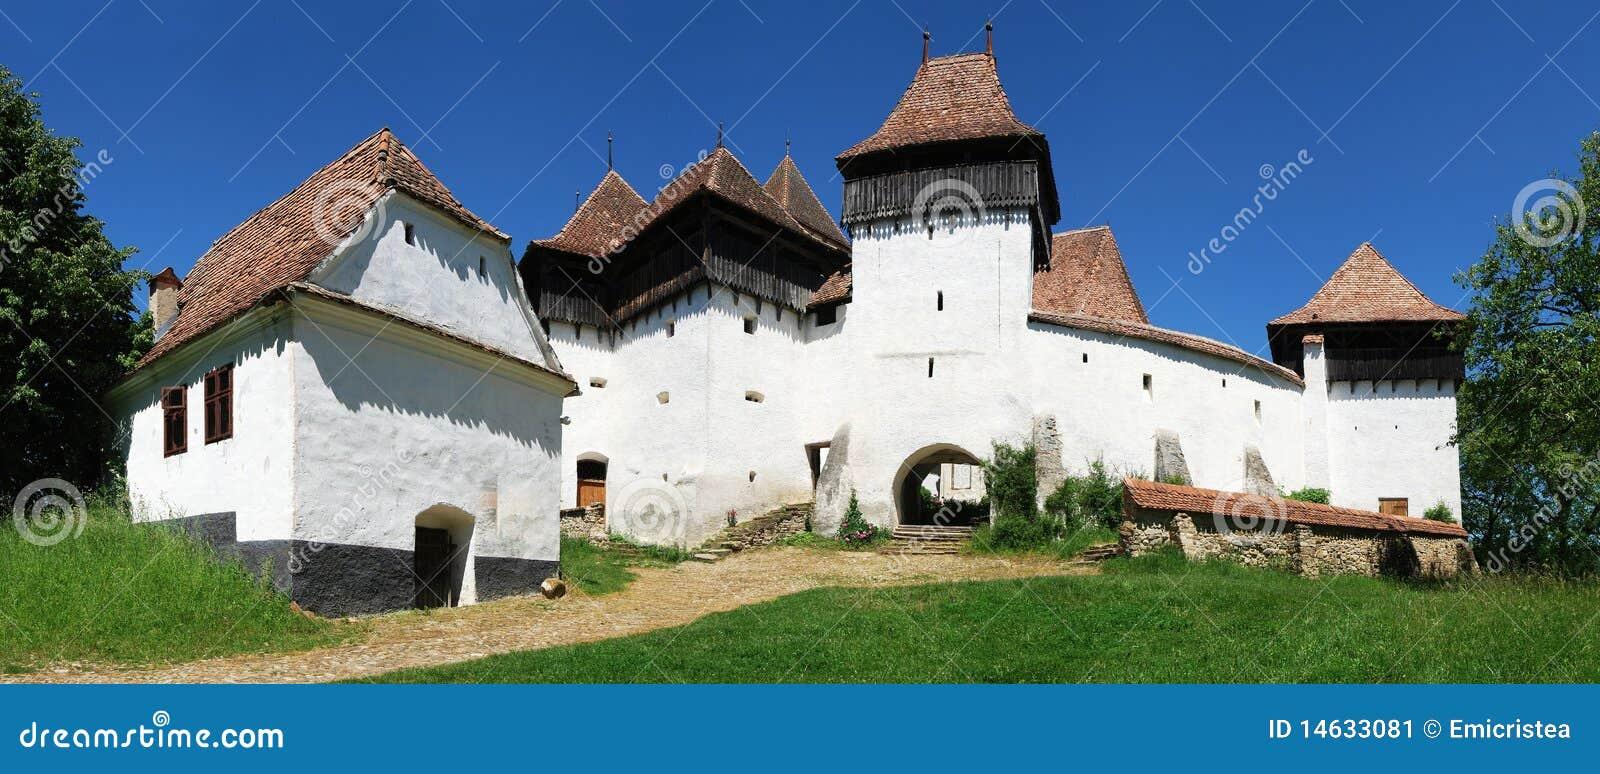 Panorama de Viscri, Transilvania, Rumania